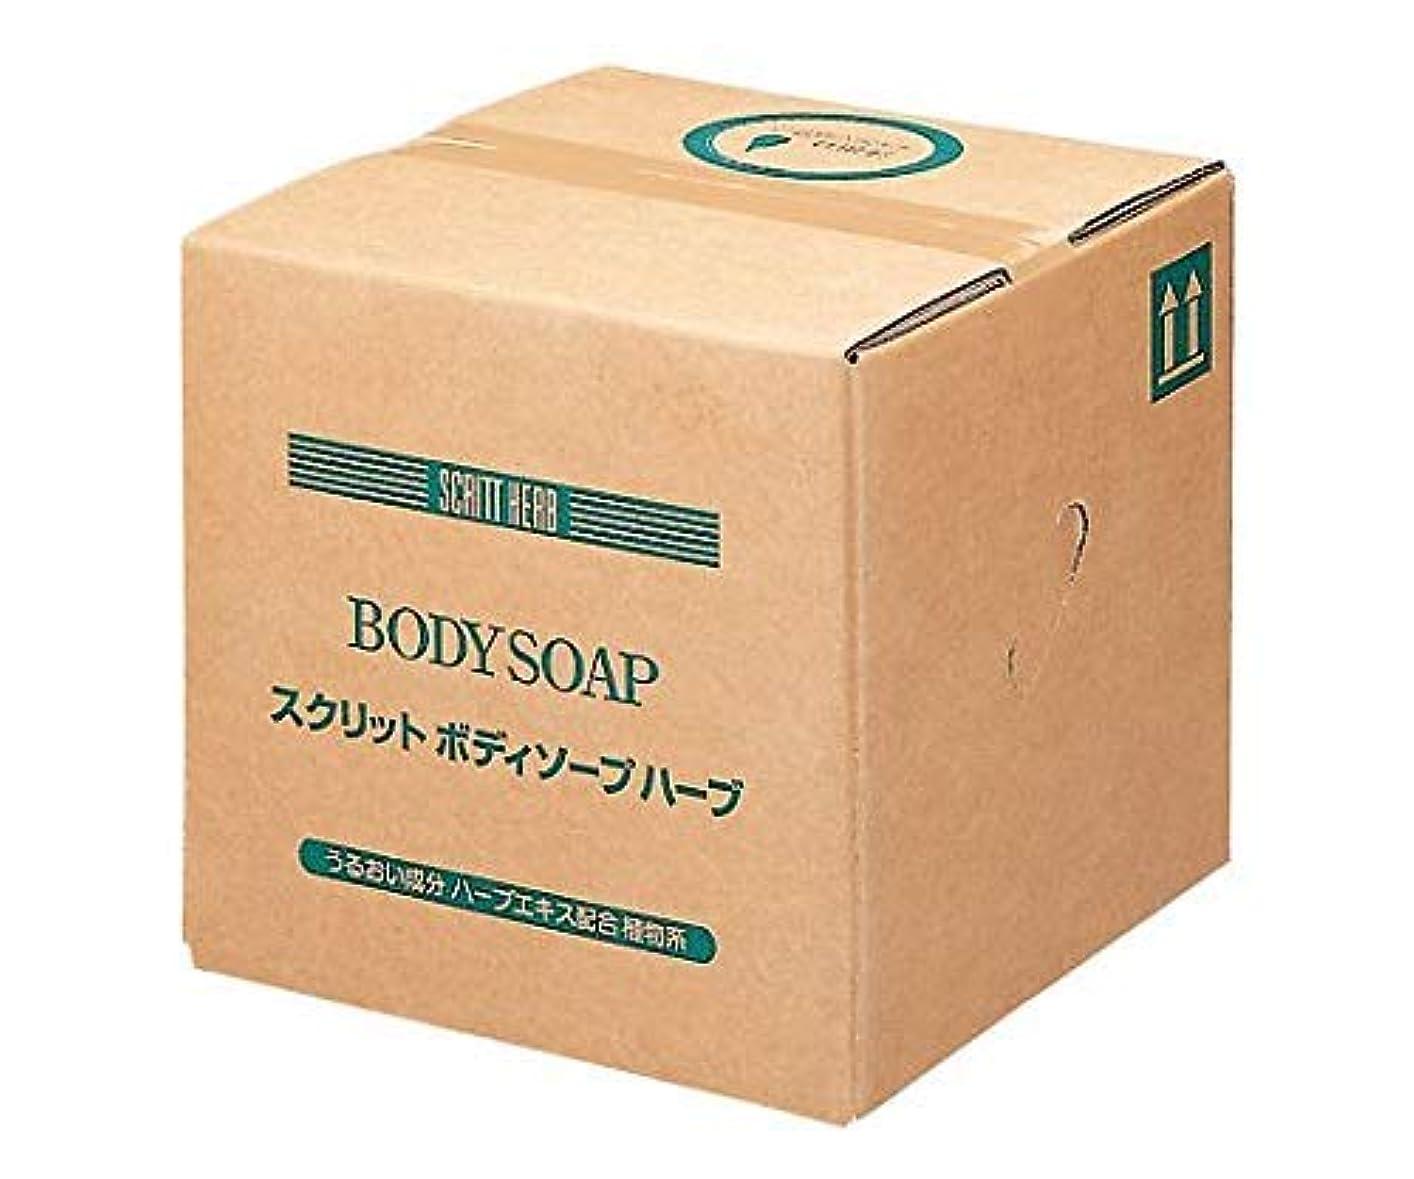 金属いつか軸業務用 SCRITT(スクリット) ボディソープ 18L 熊野油脂 (コック付き)